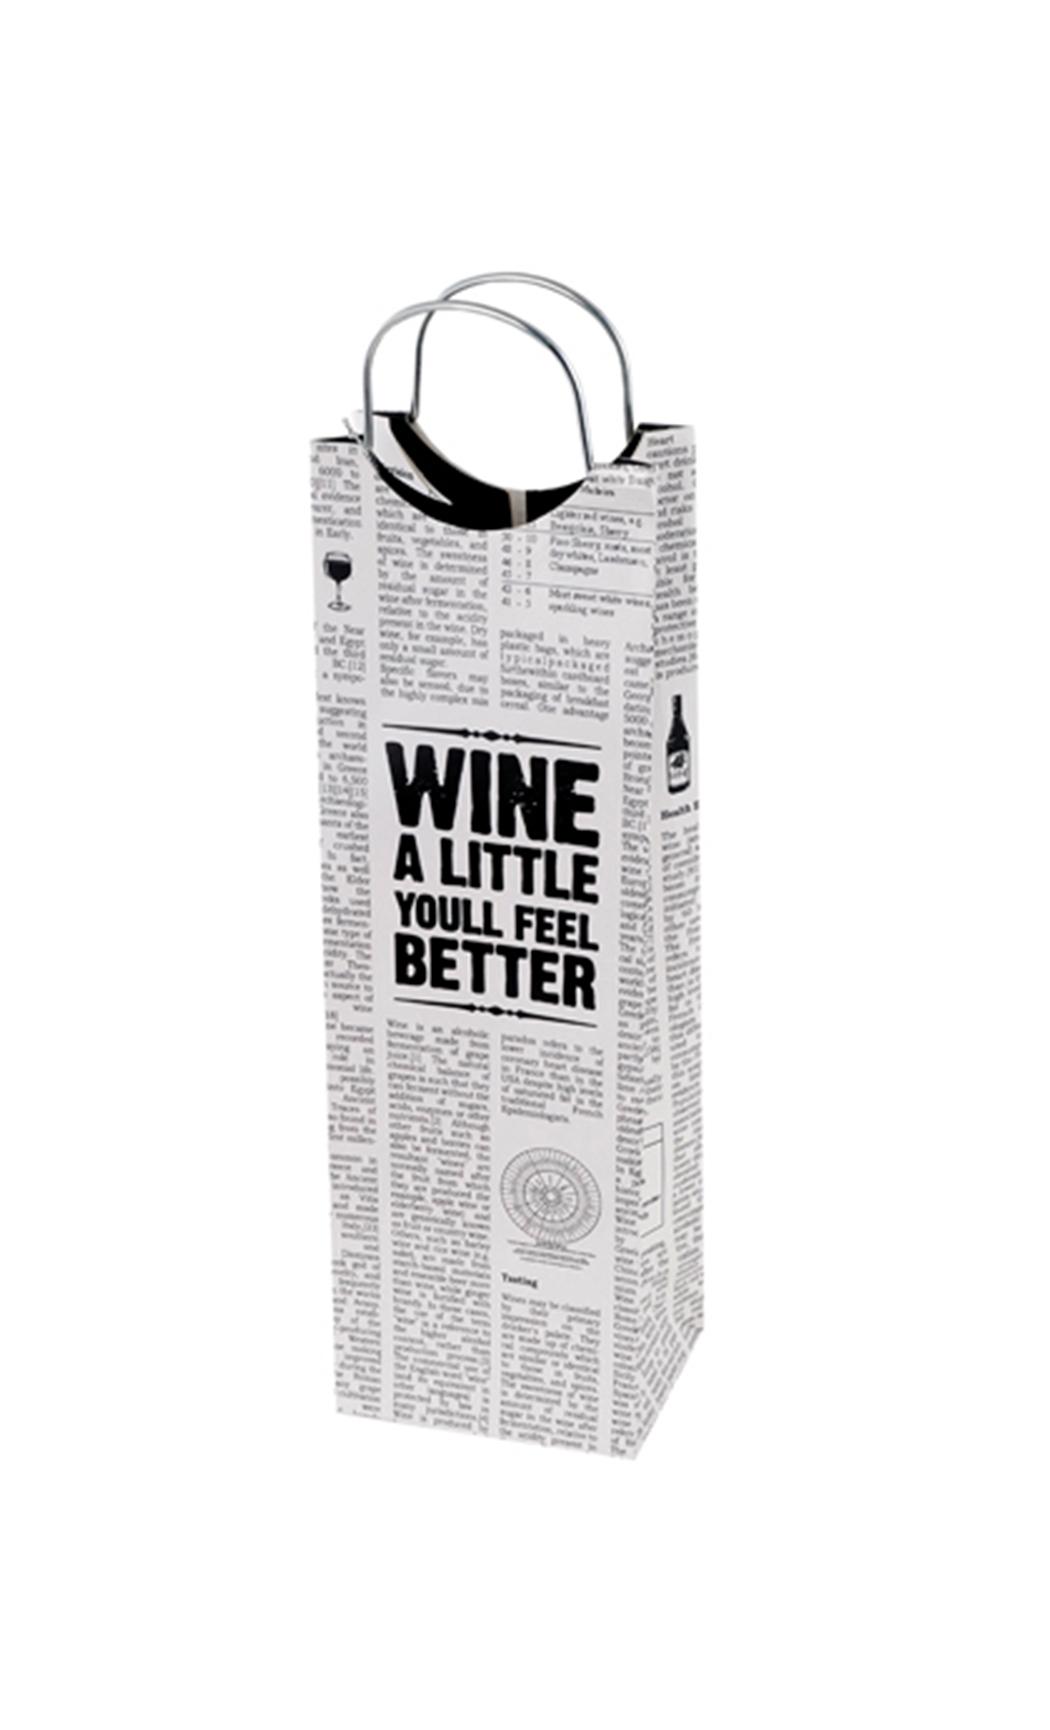 Word Press Gift Bag